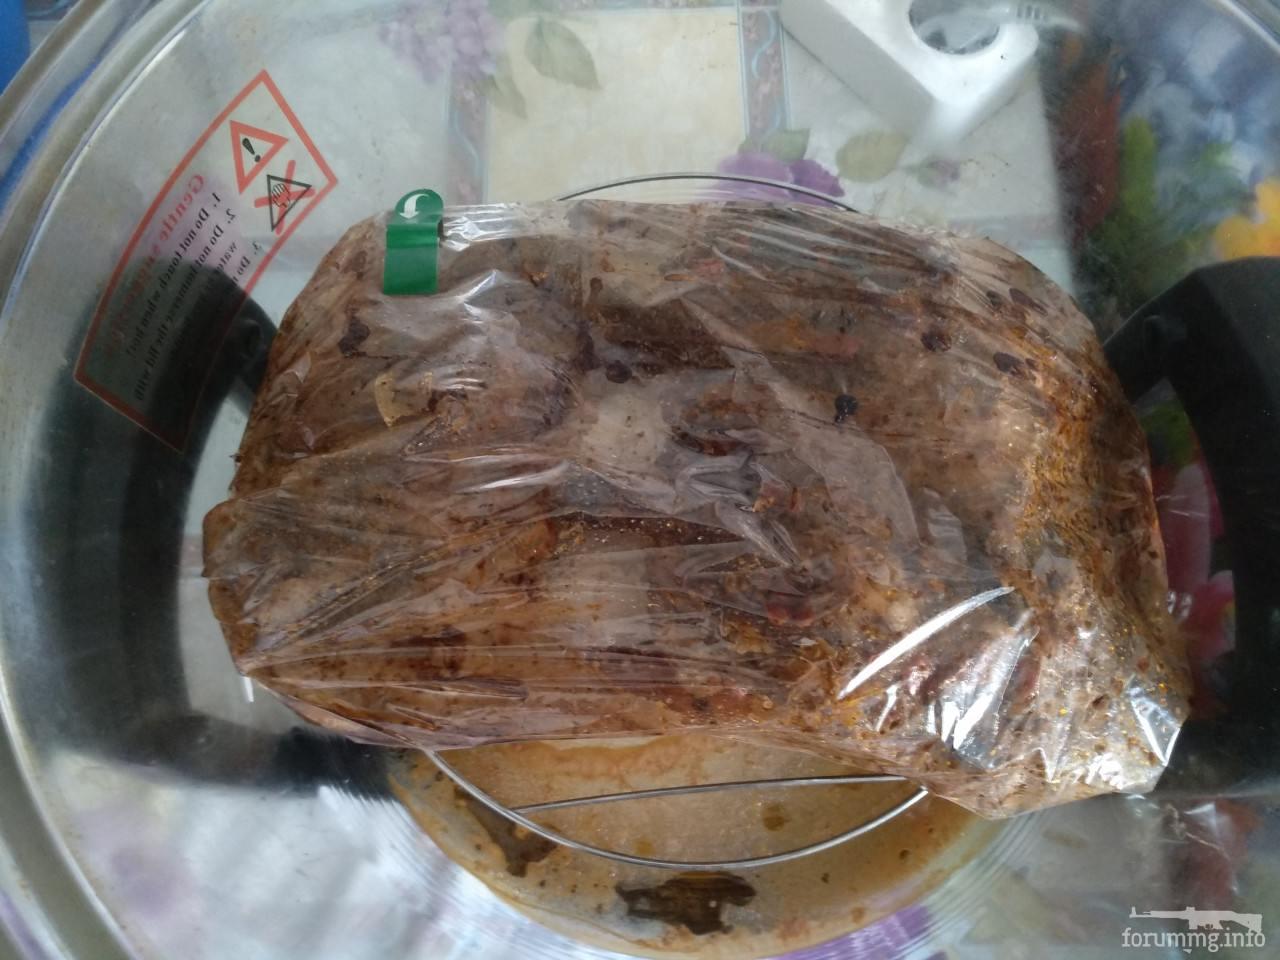 130415 - Закуски на огне (мангал, барбекю и т.д.) и кулинария вообще. Советы и рецепты.